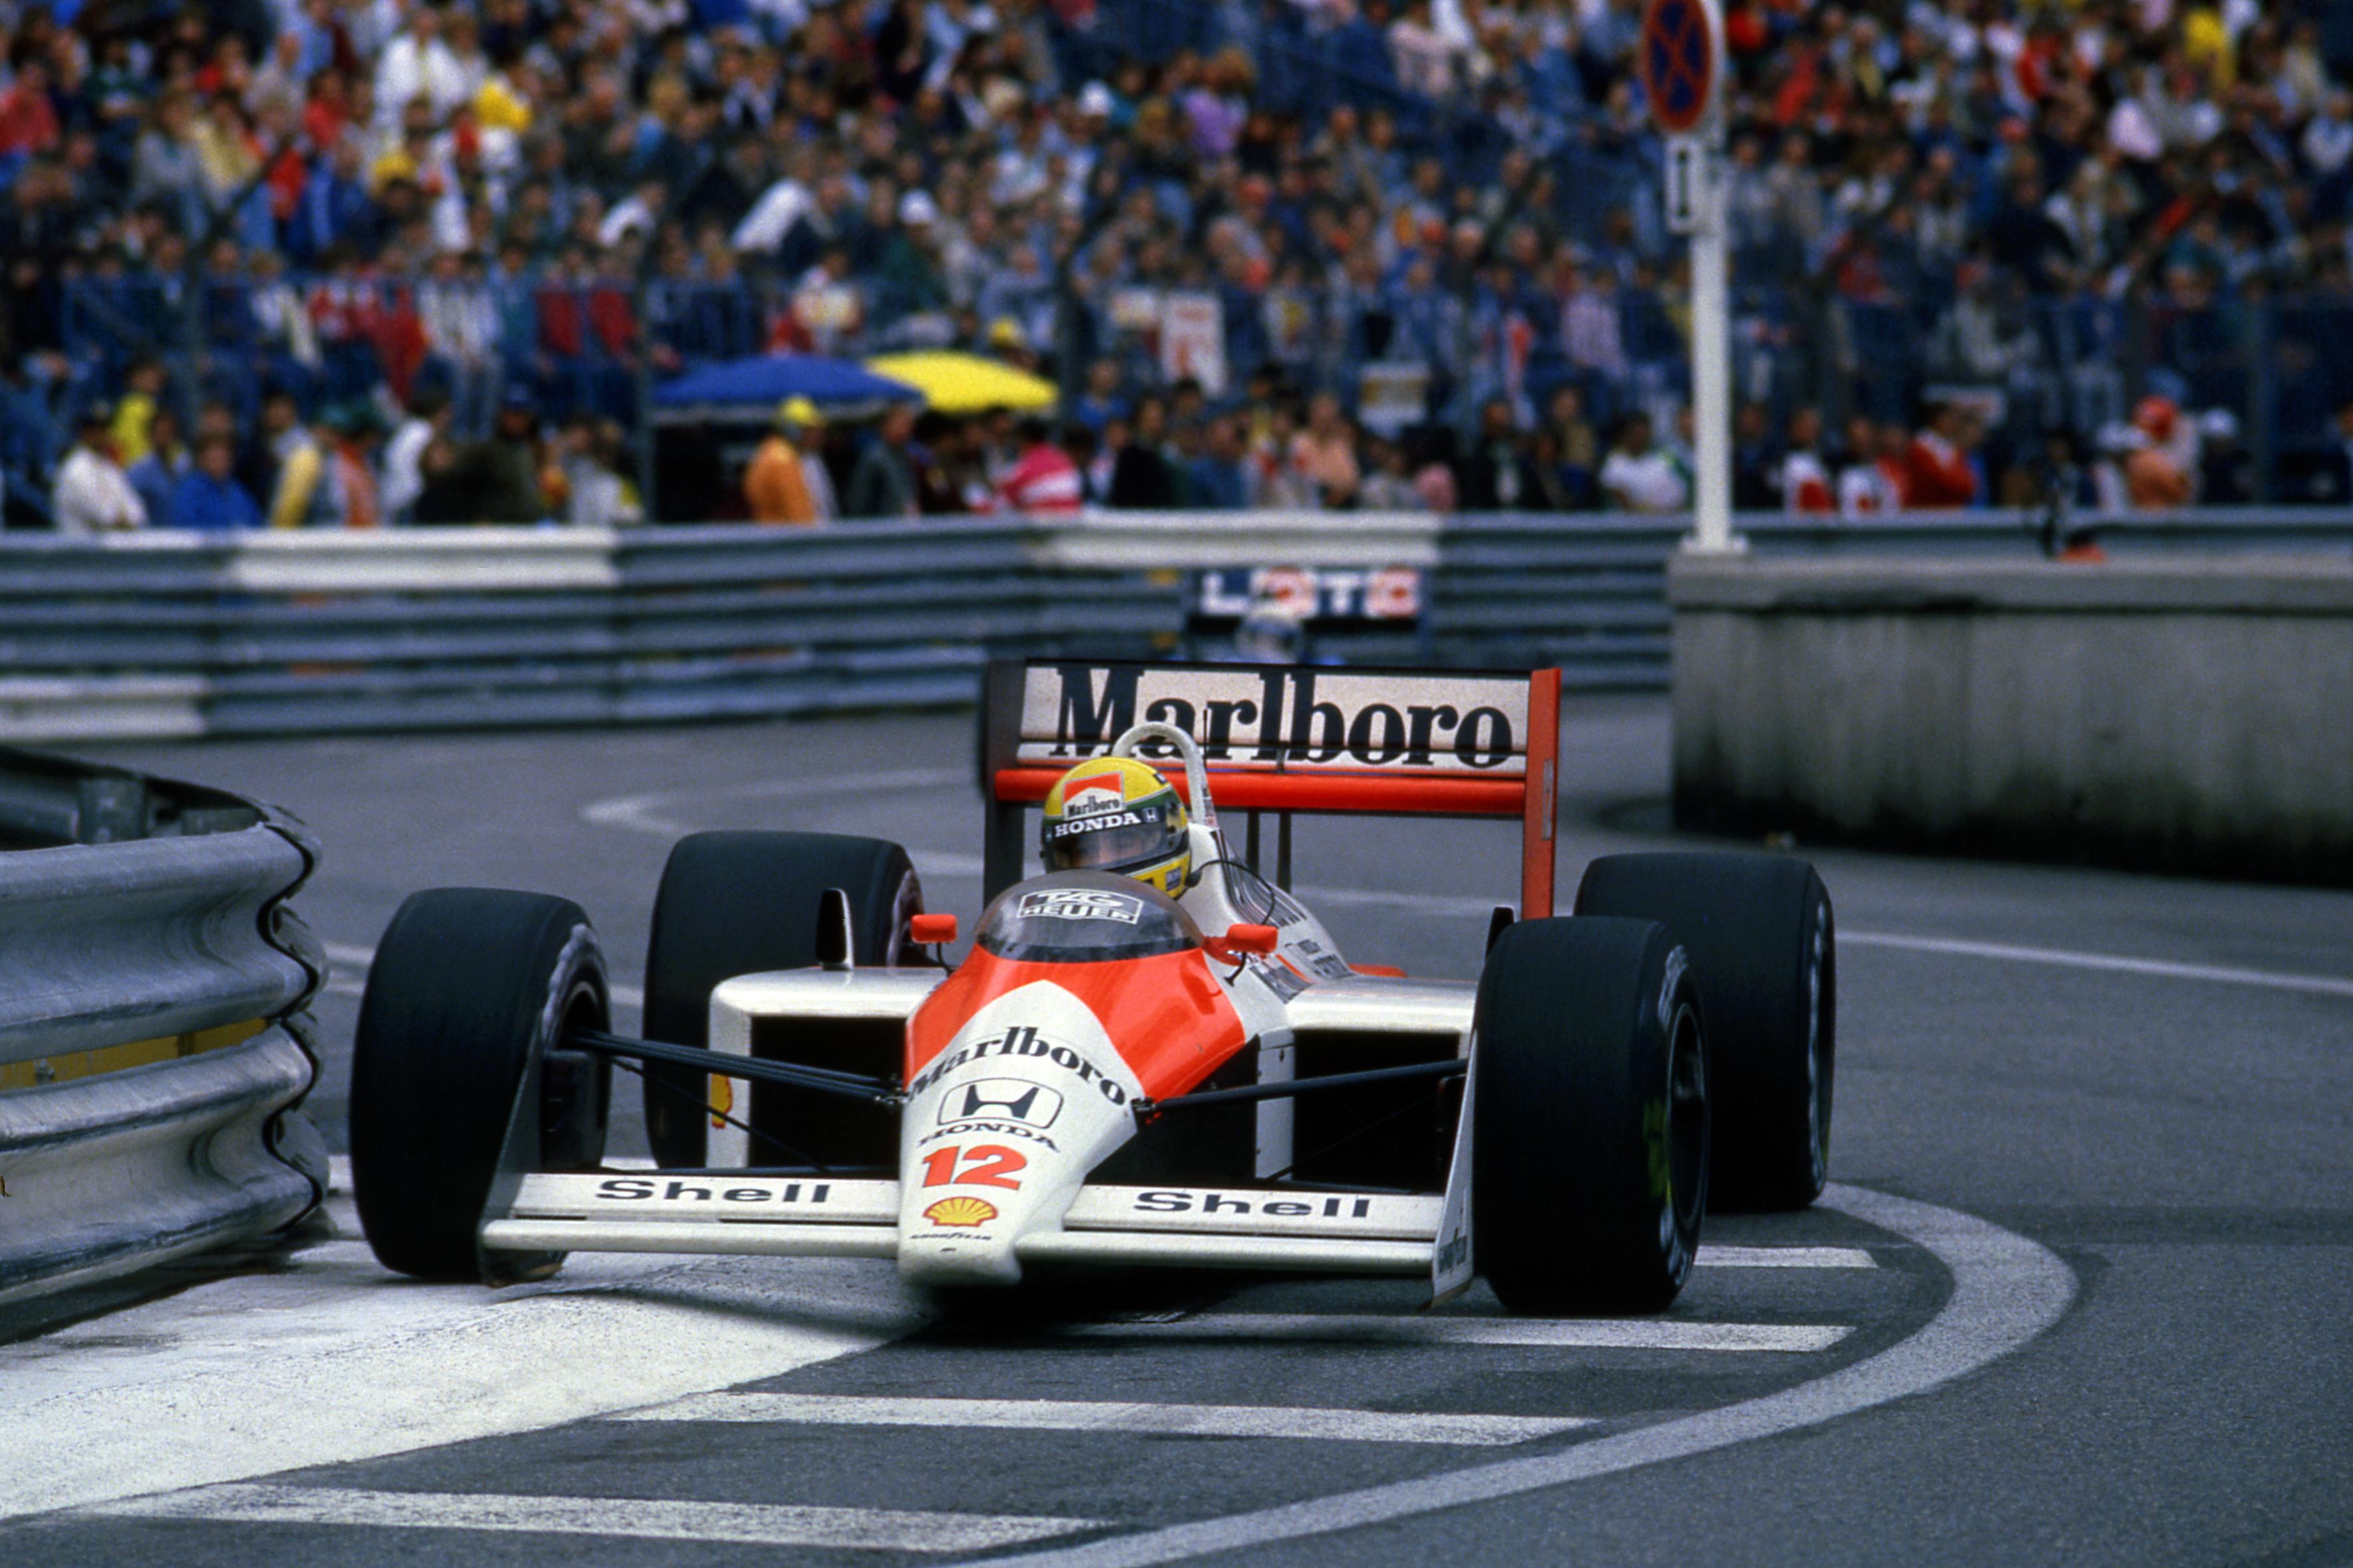 Ayrton Senna, Monaco, 1988